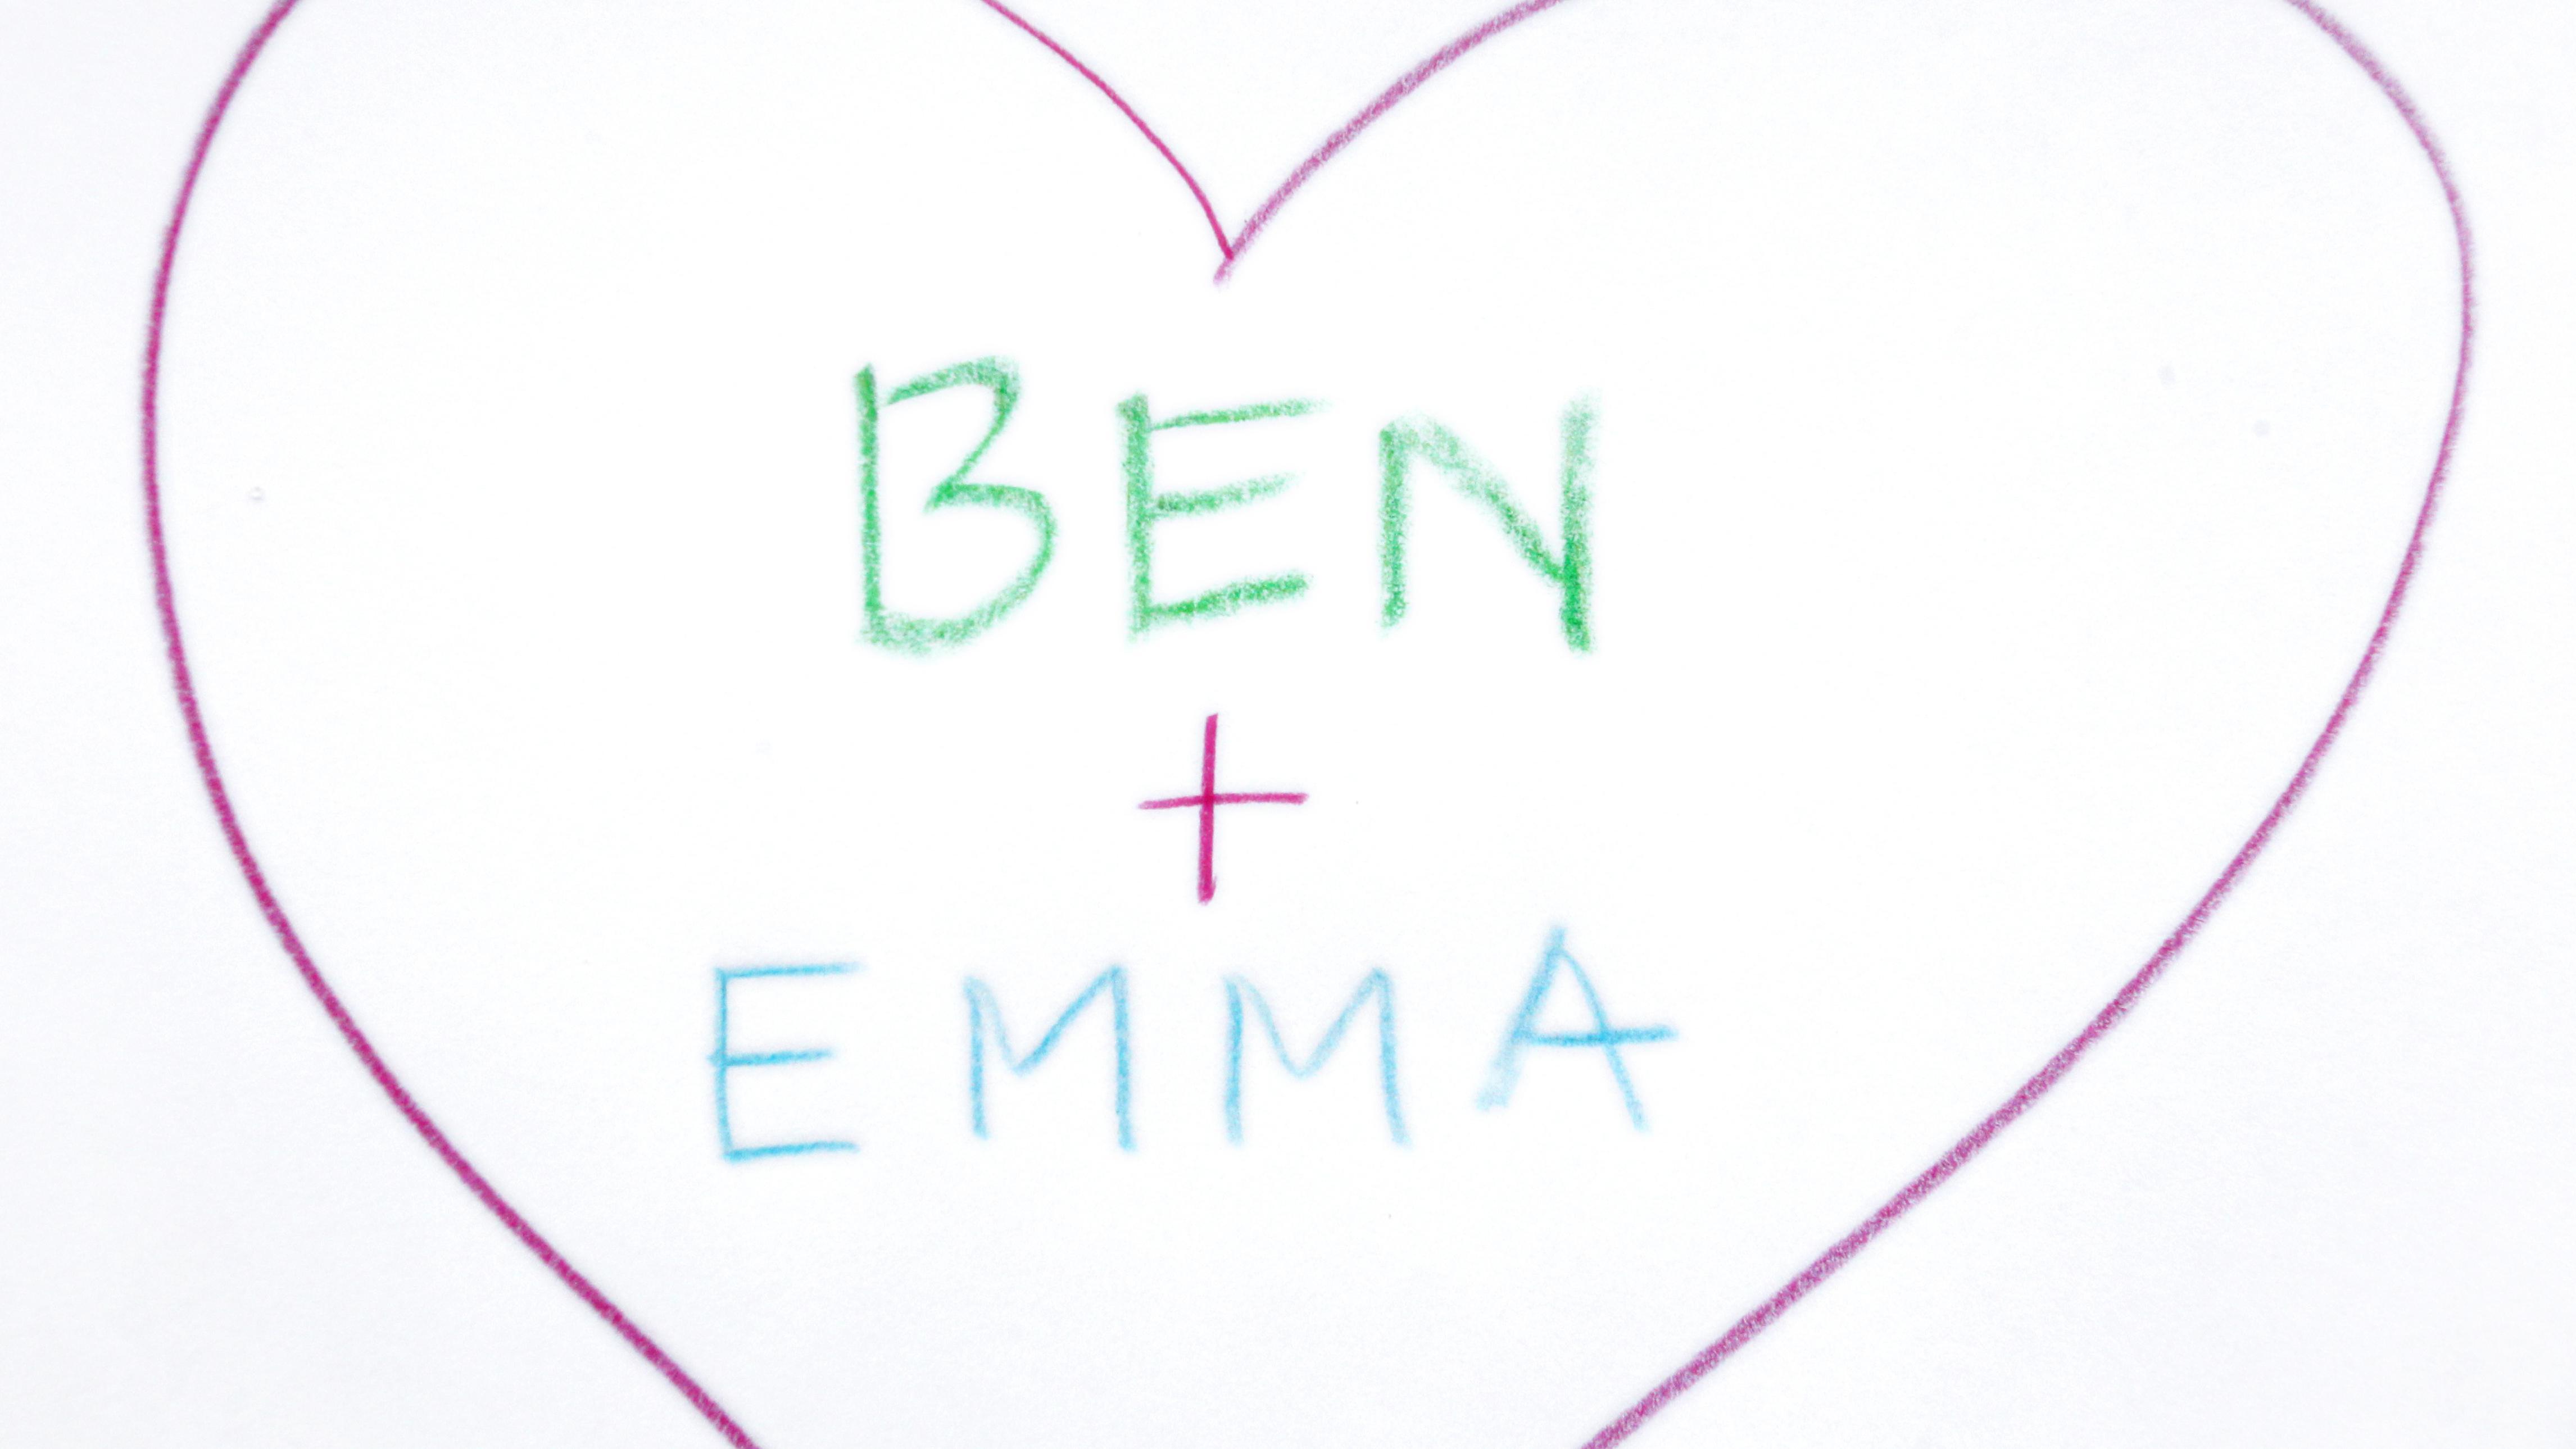 Die Vornamen Ben und Emma in einem Herz auf ein Papier geschrieben